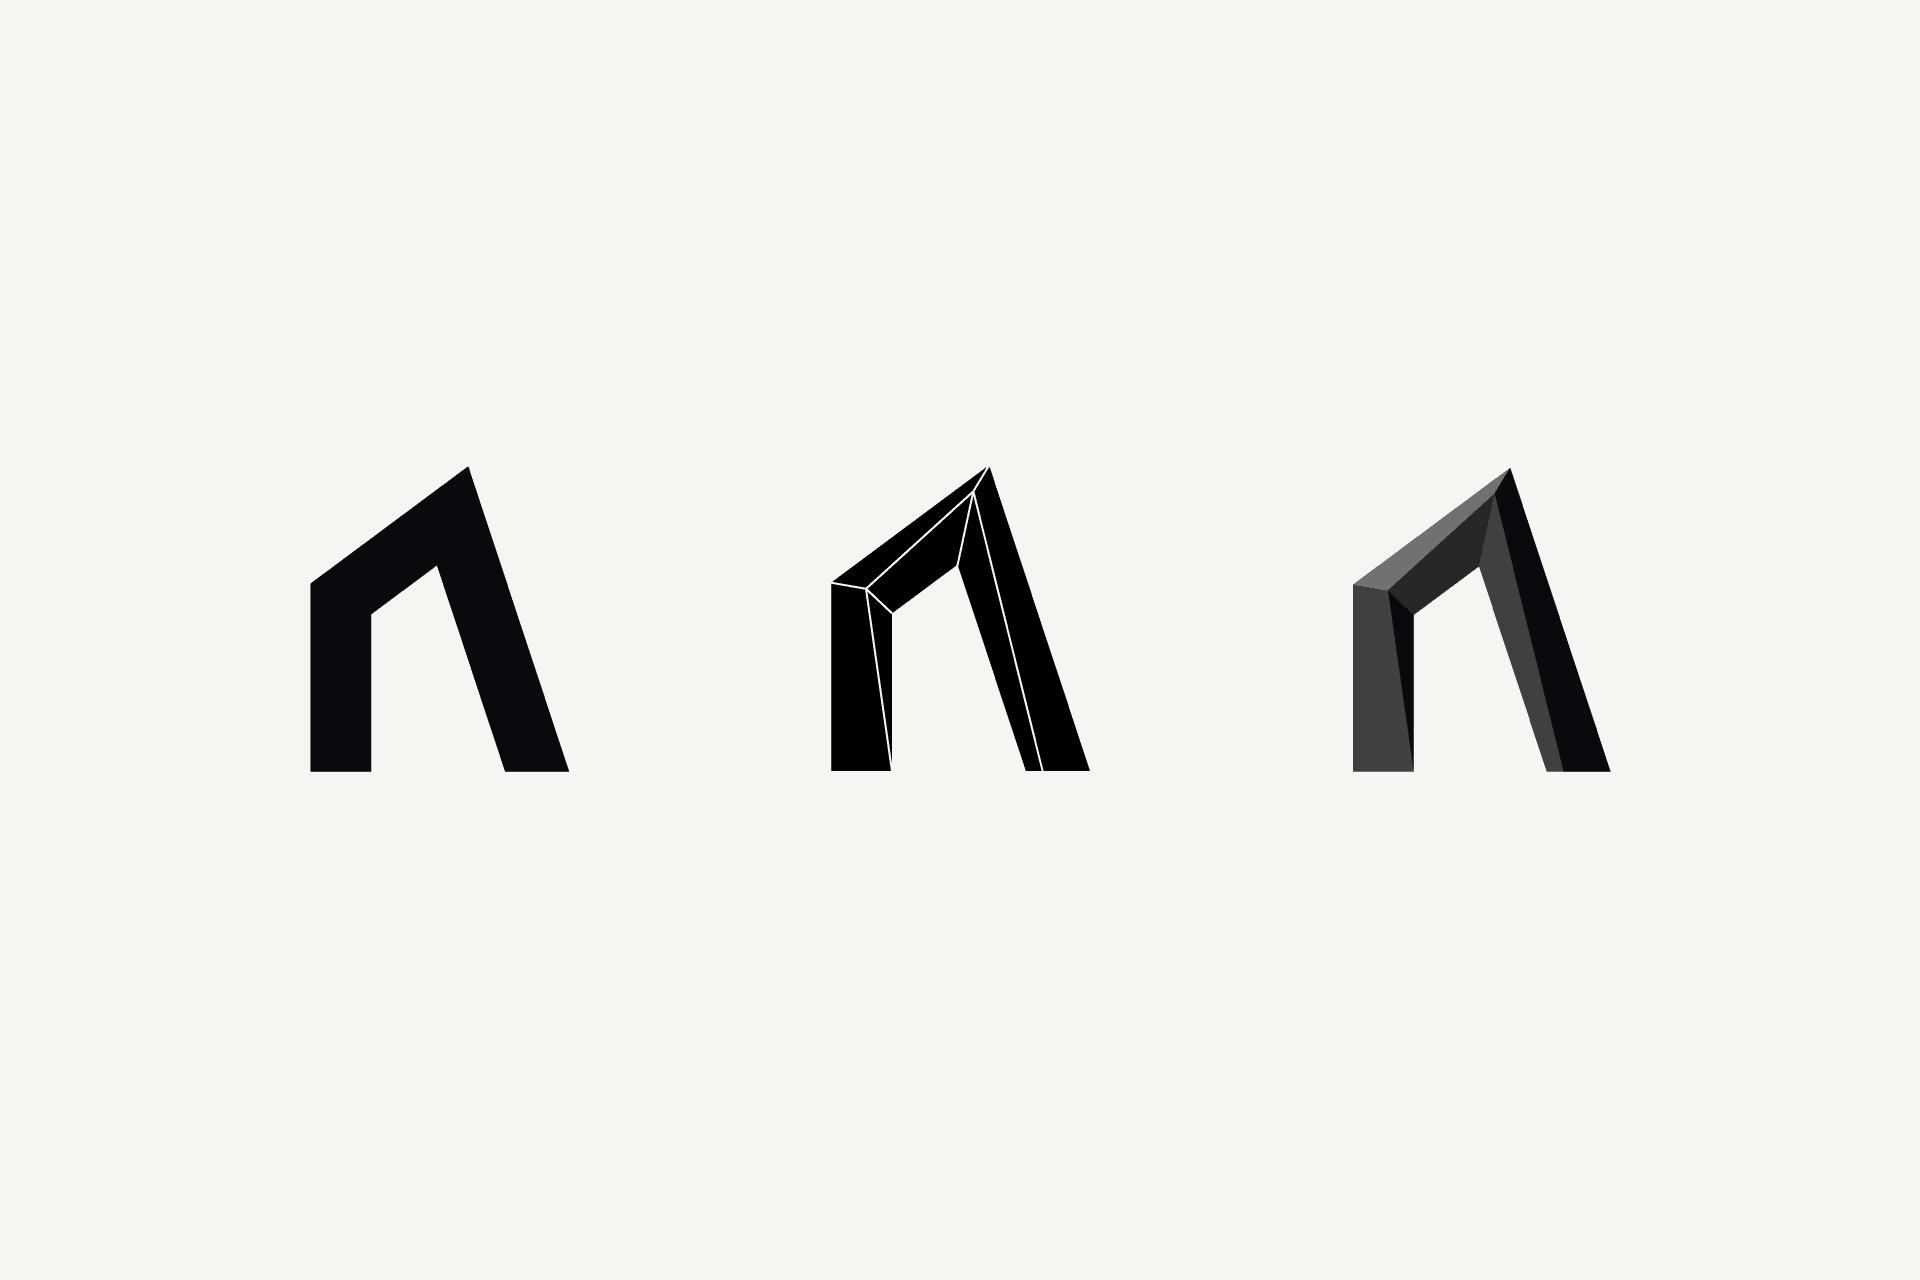 tinde_branding_logos3